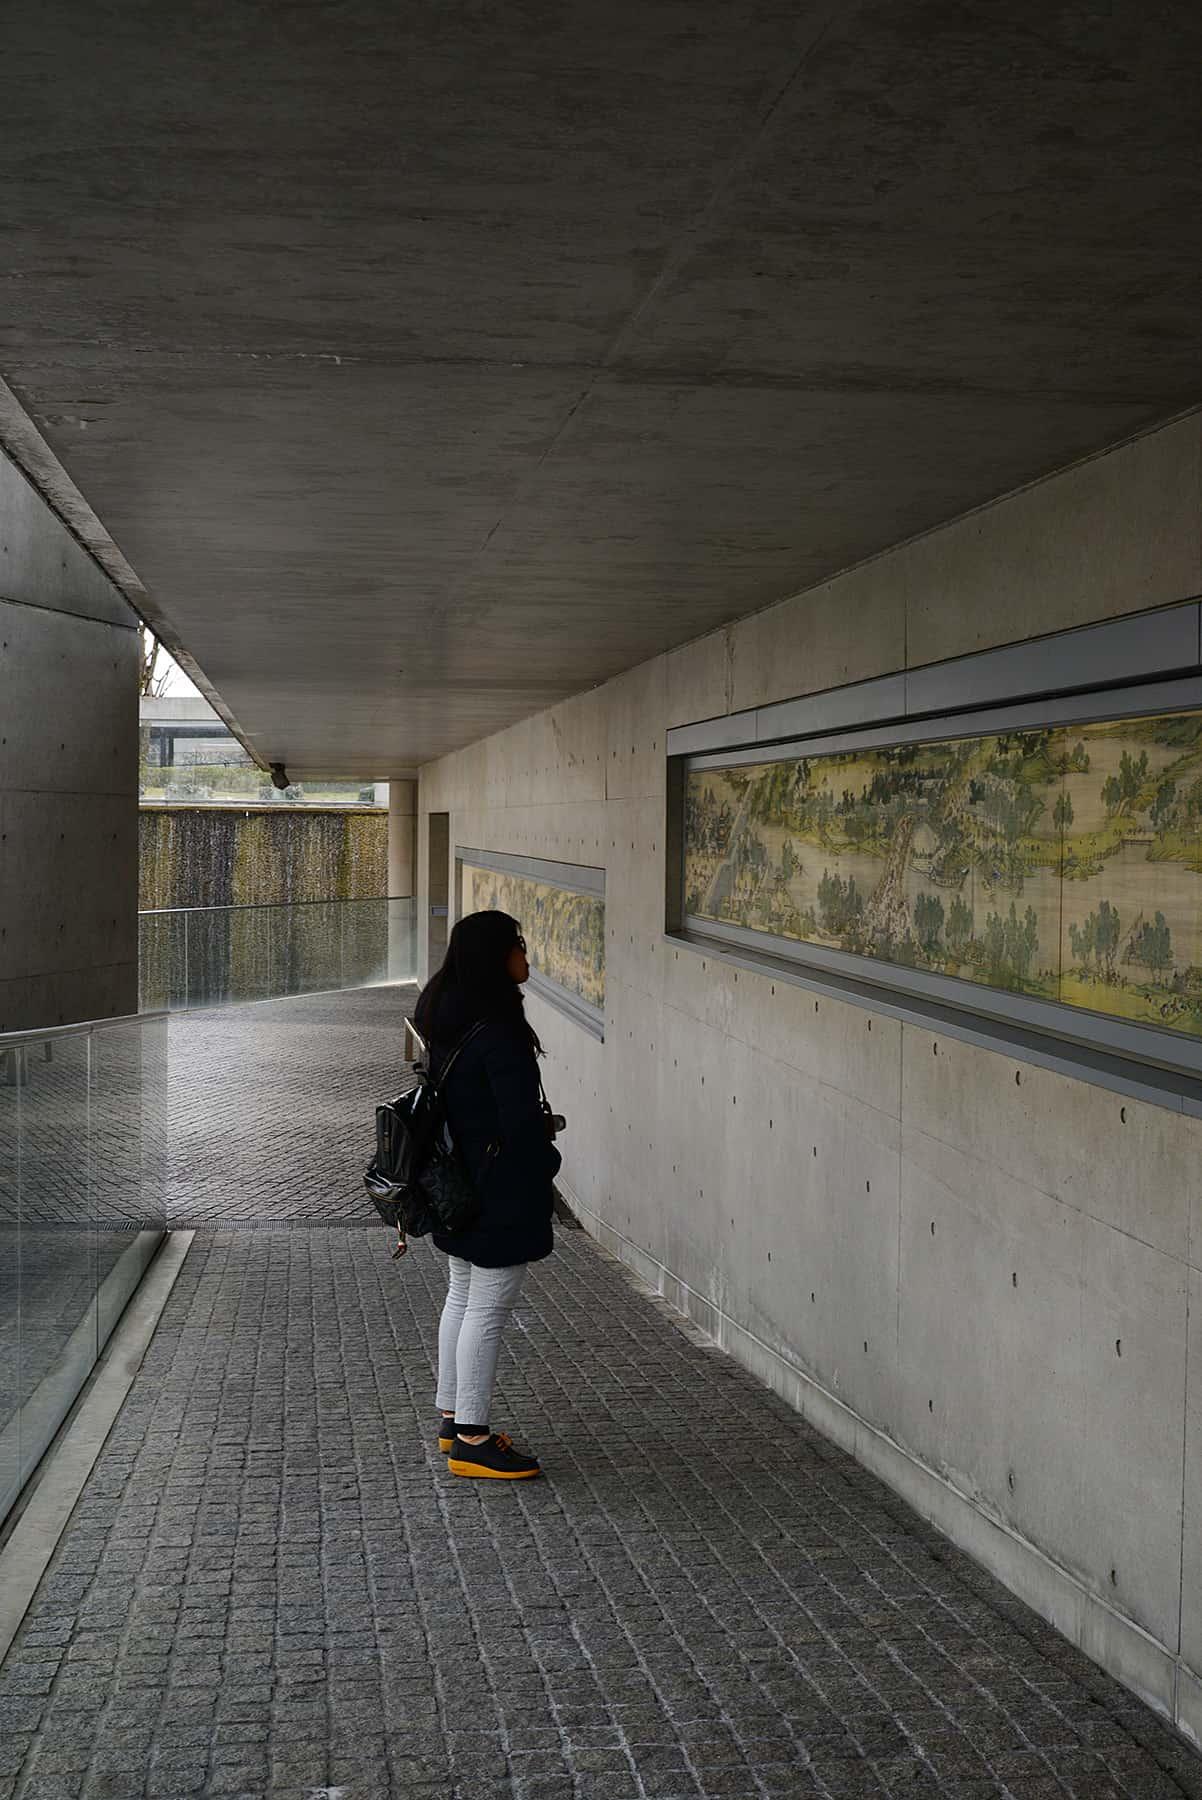 เดินชมงานศิลปะที่สวนศิลป์